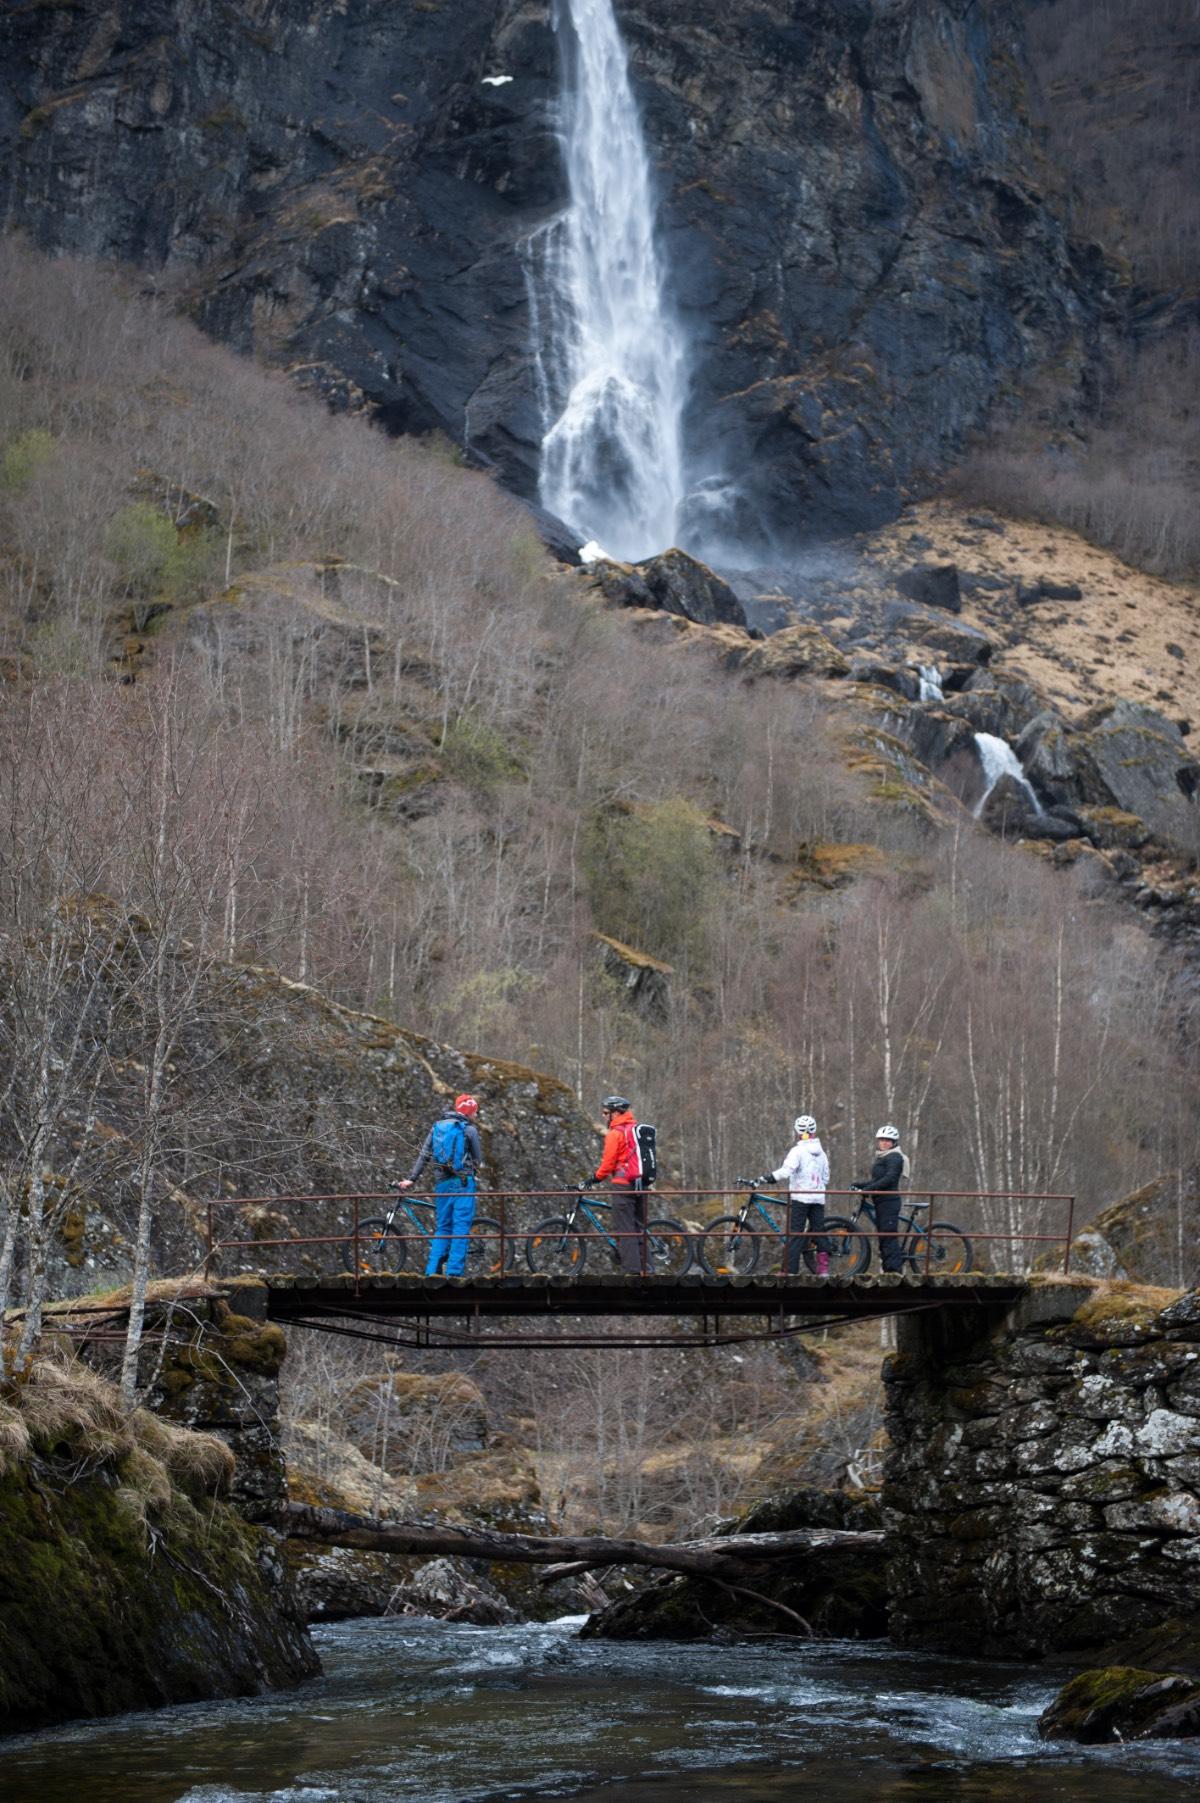 Noorwegen_Langs watervallen op de fiets 1